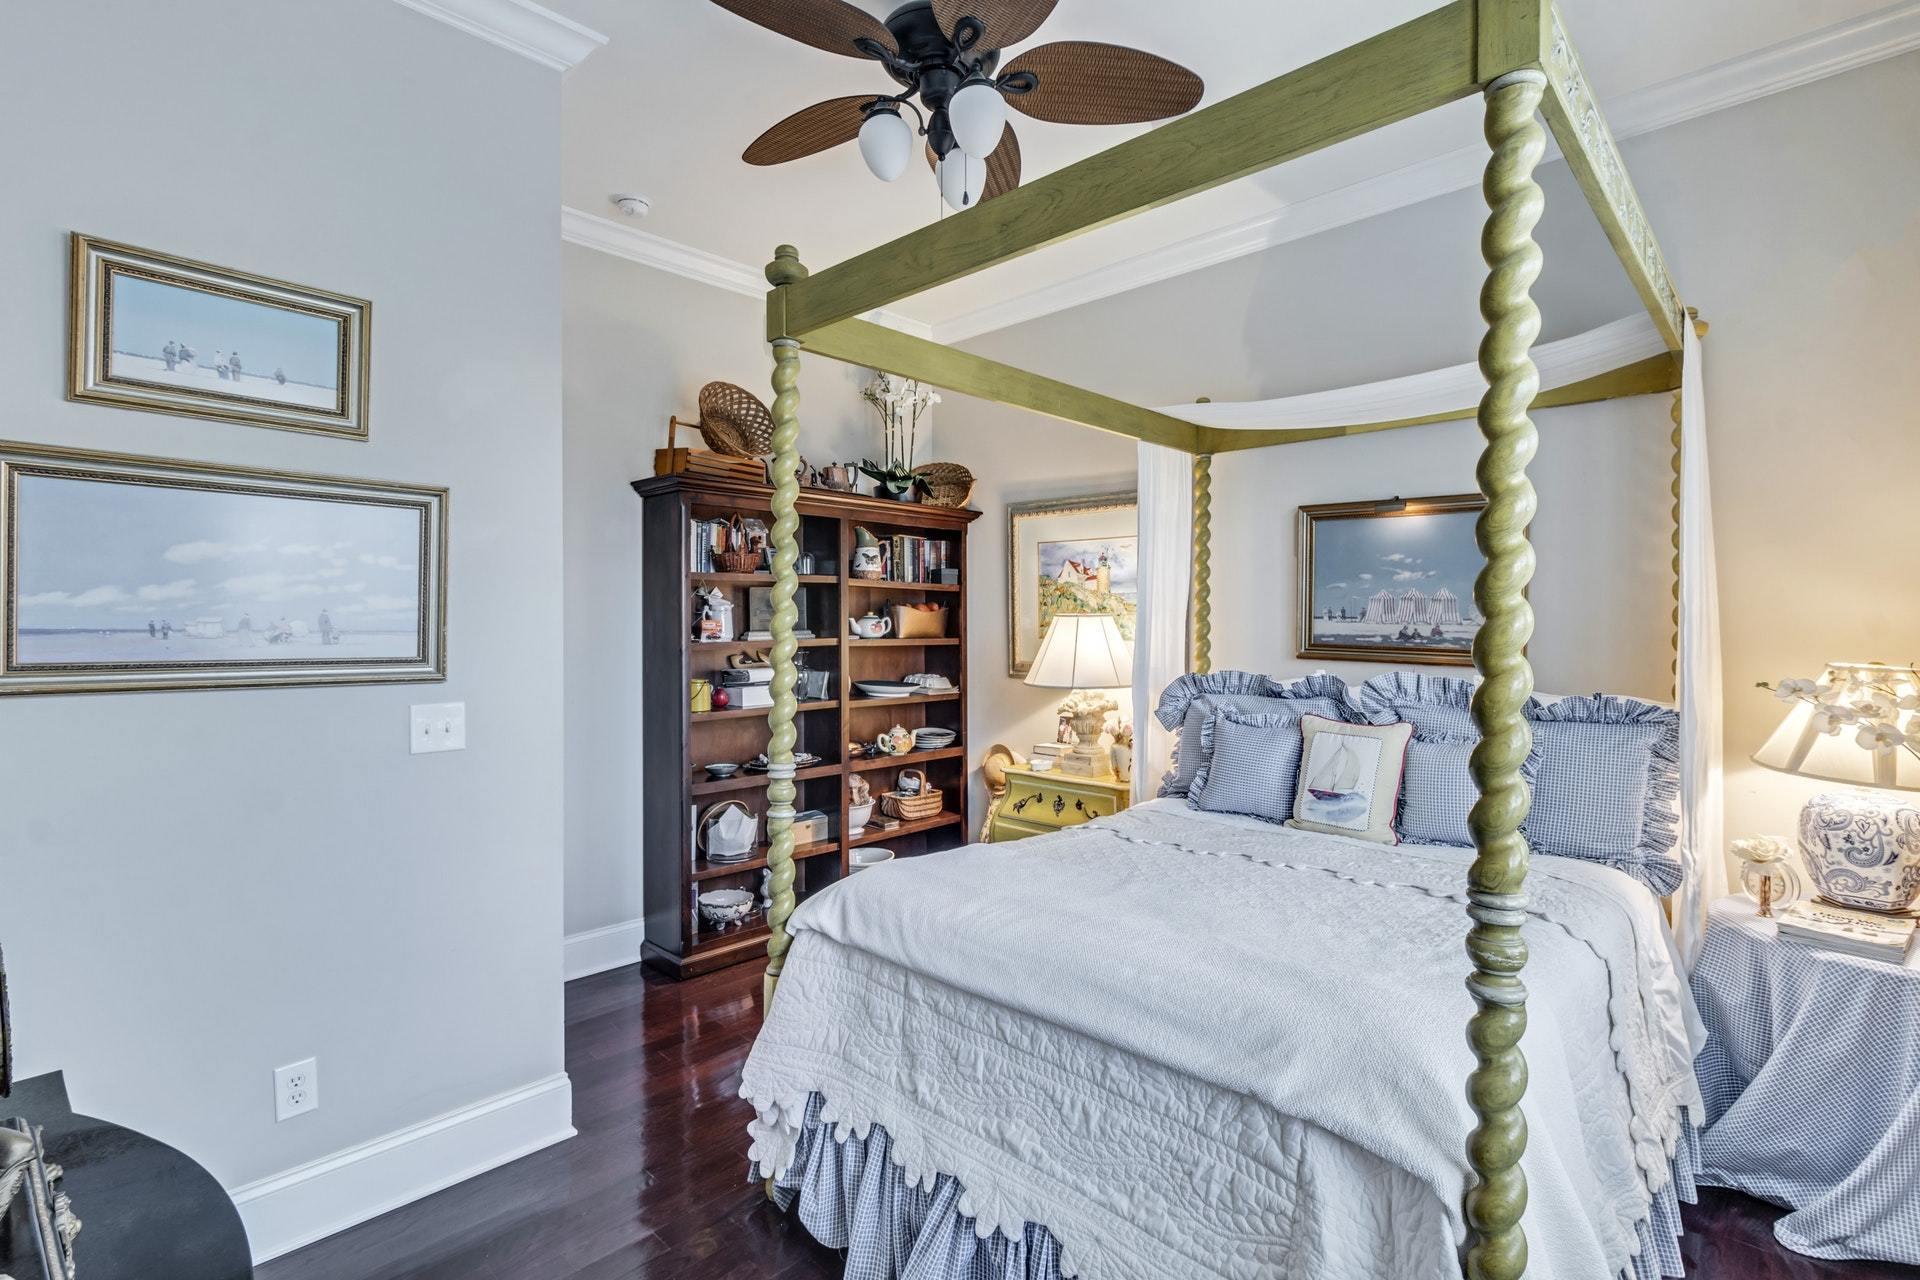 Dunes West Homes For Sale - 2816 River Vista, Mount Pleasant, SC - 48